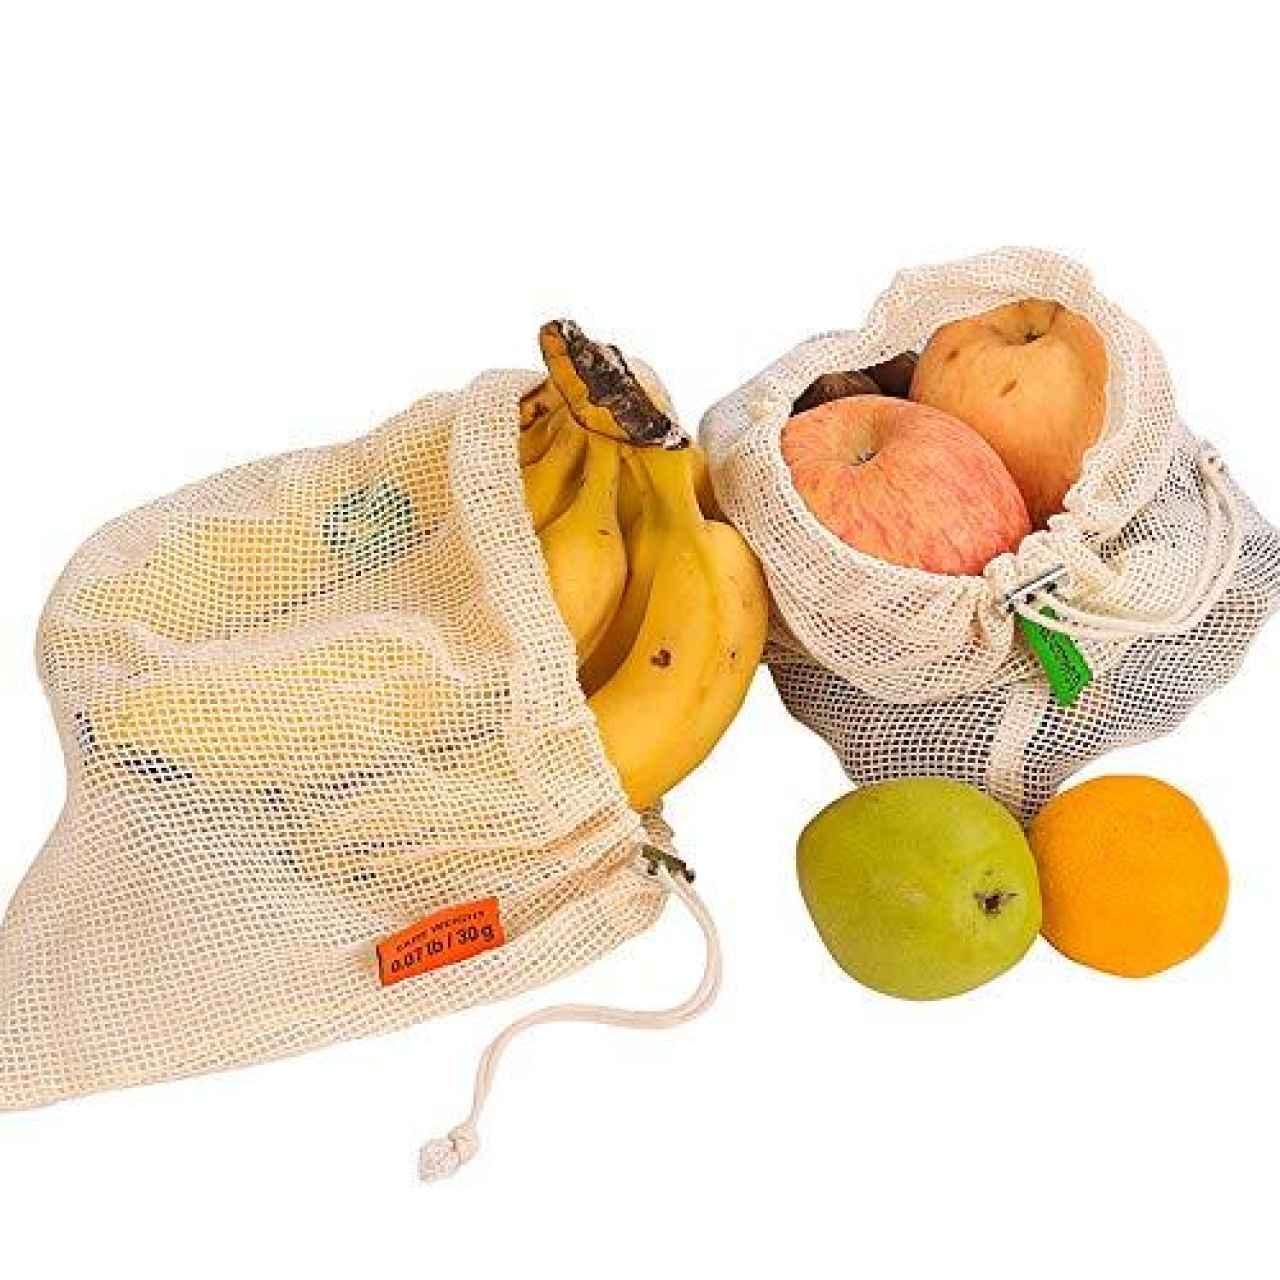 Bolsas de malla reutilizables para fruta